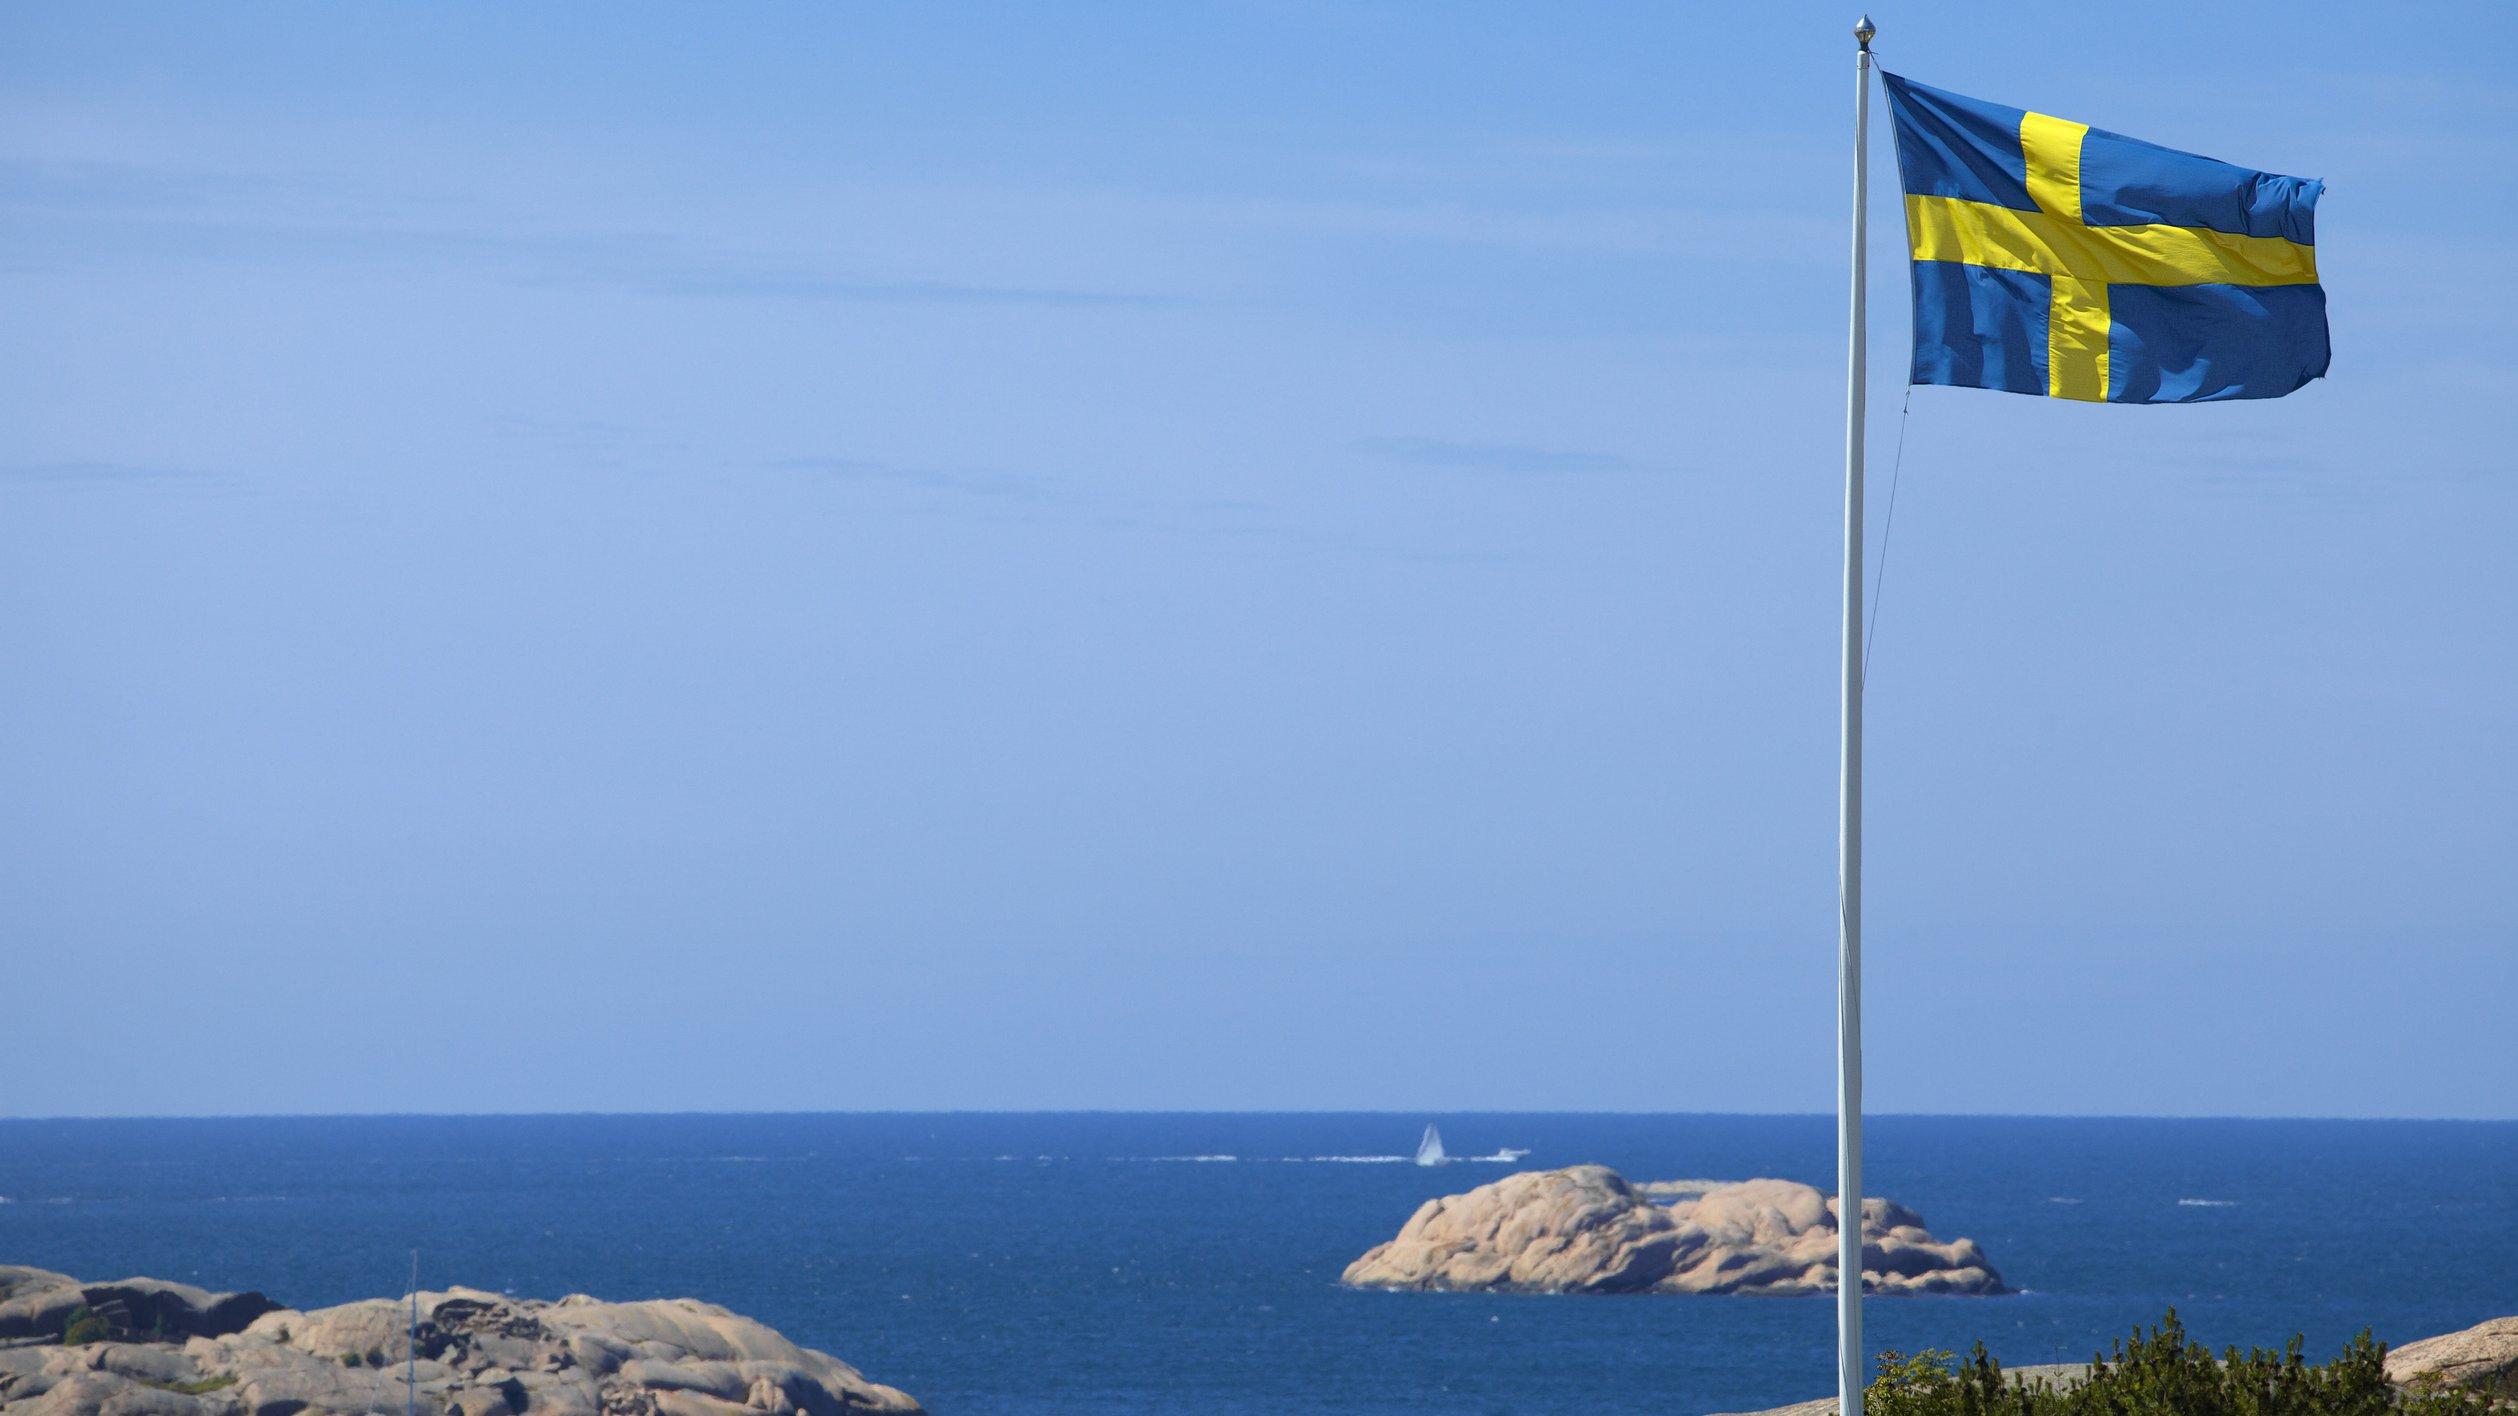 Sverige, vårt vackra land.